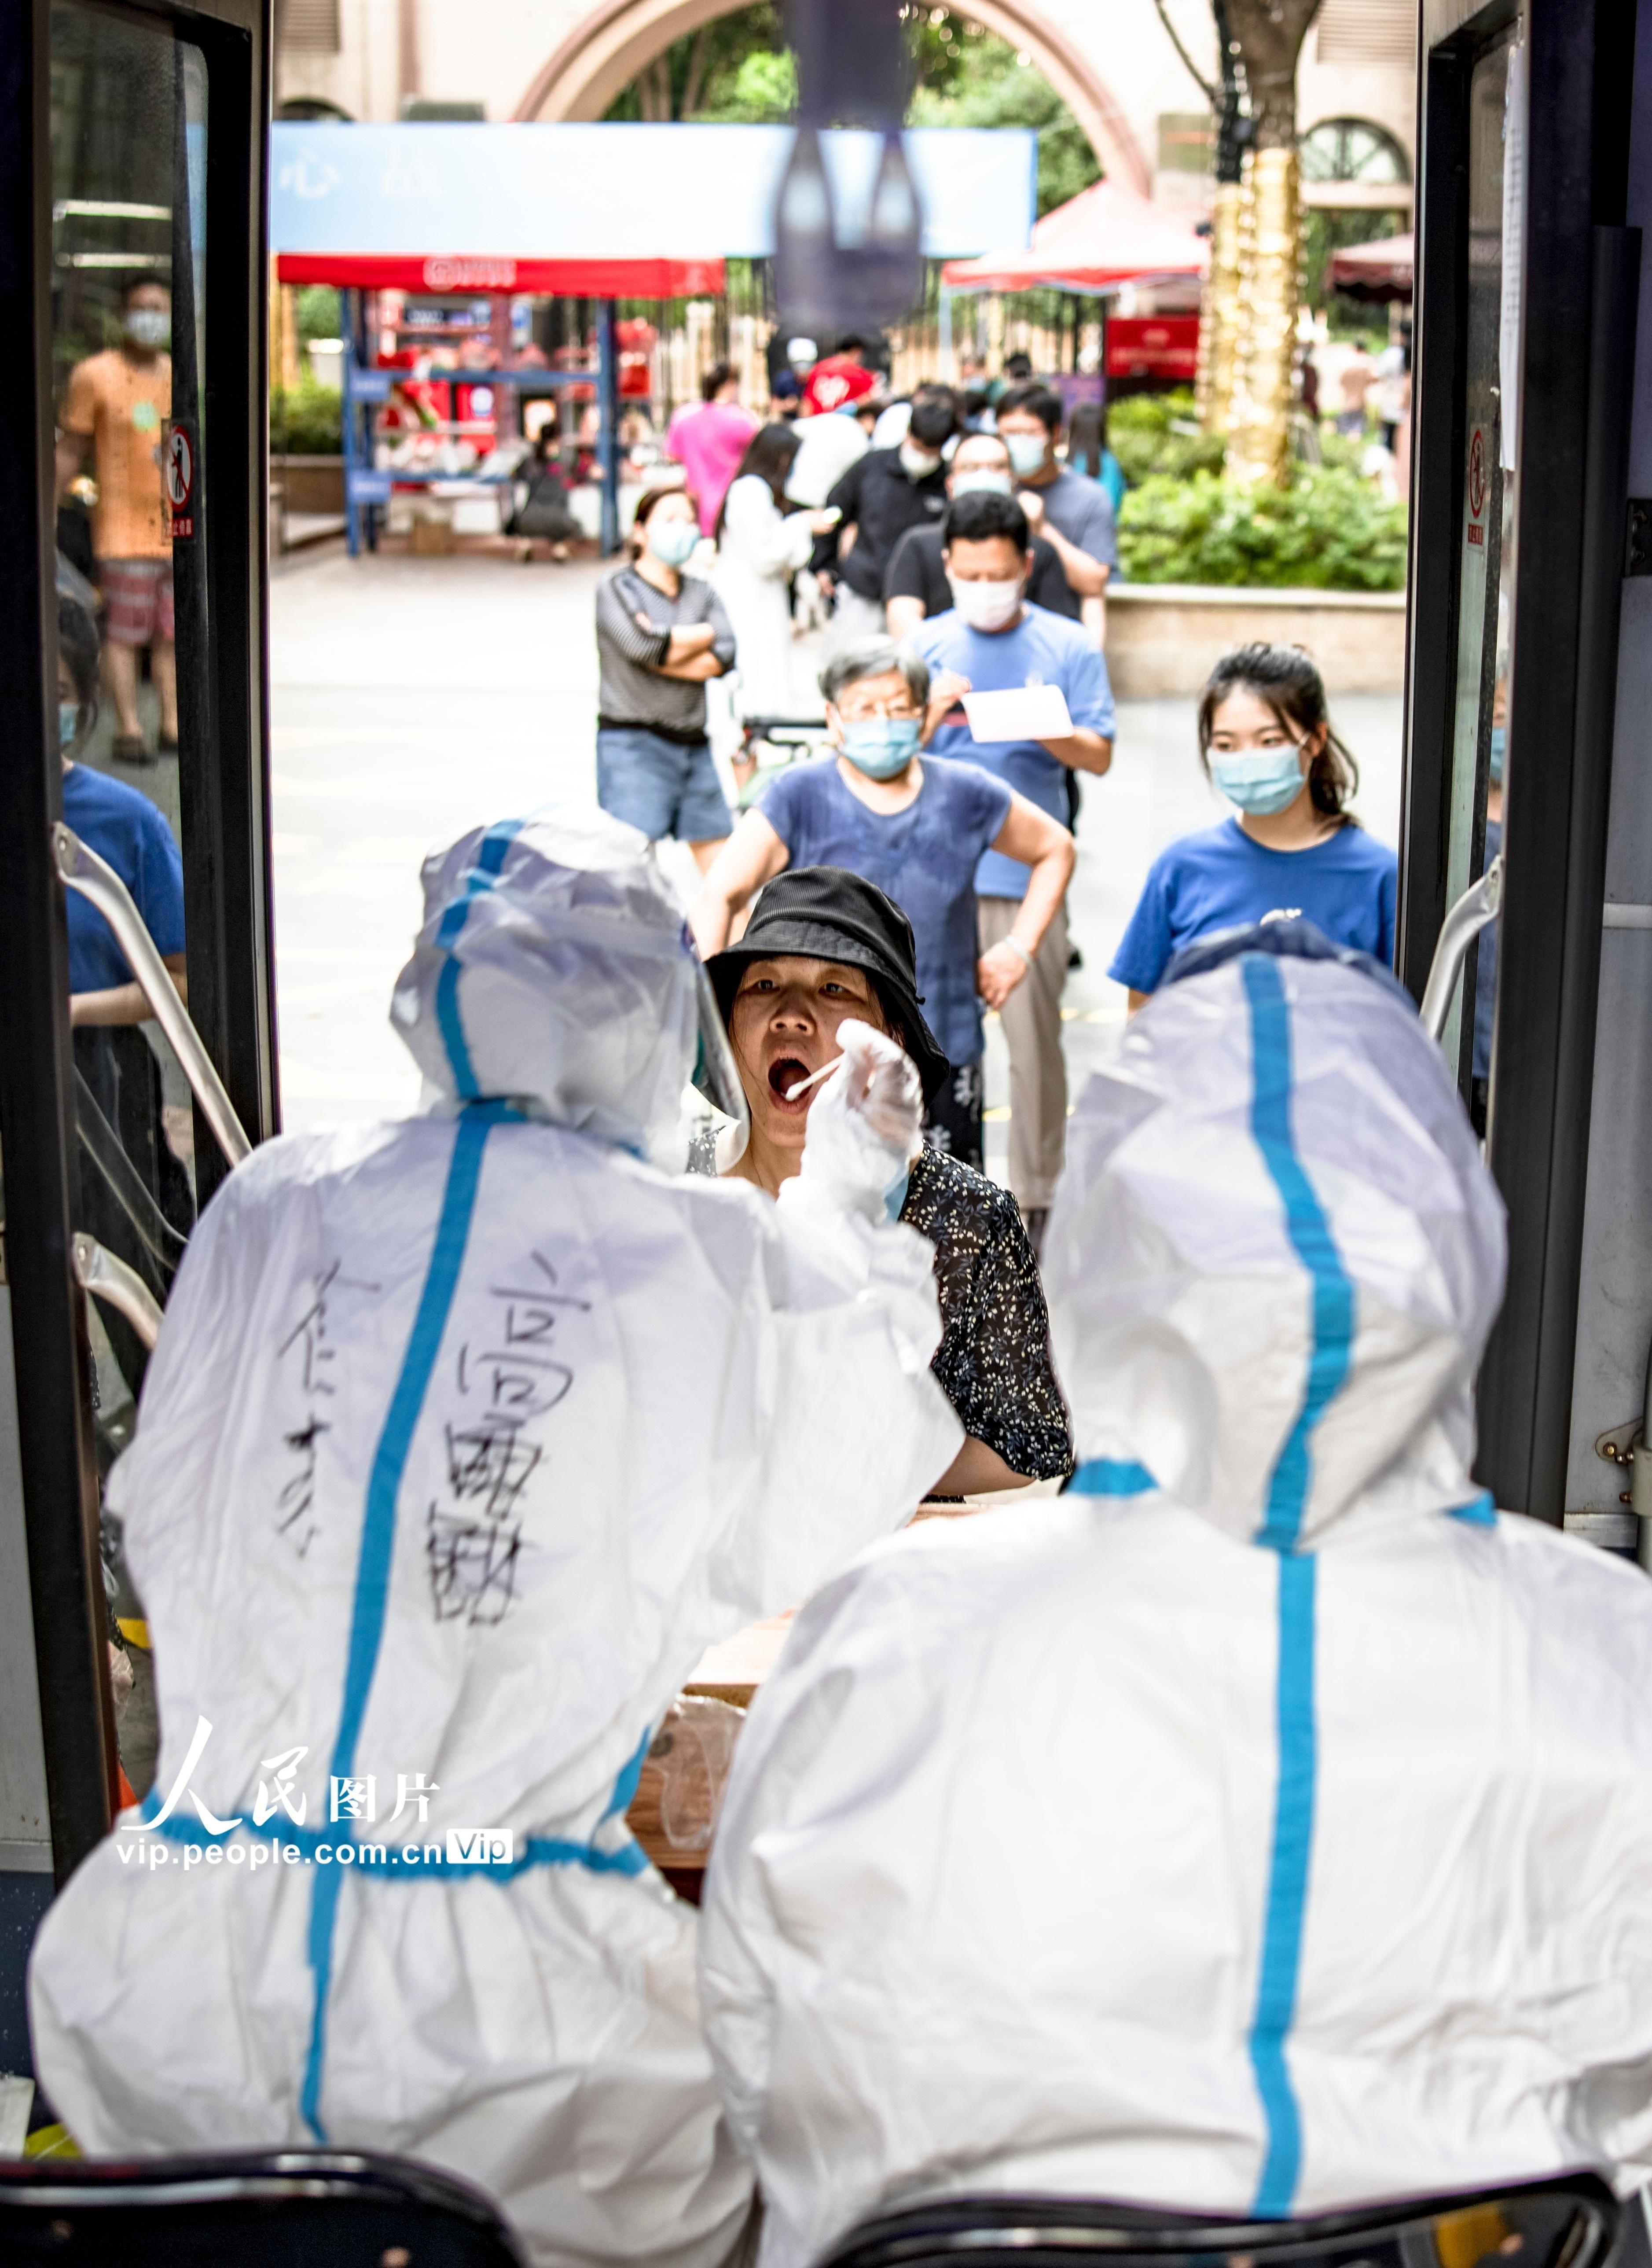 南京:流动核酸采样车现身街头